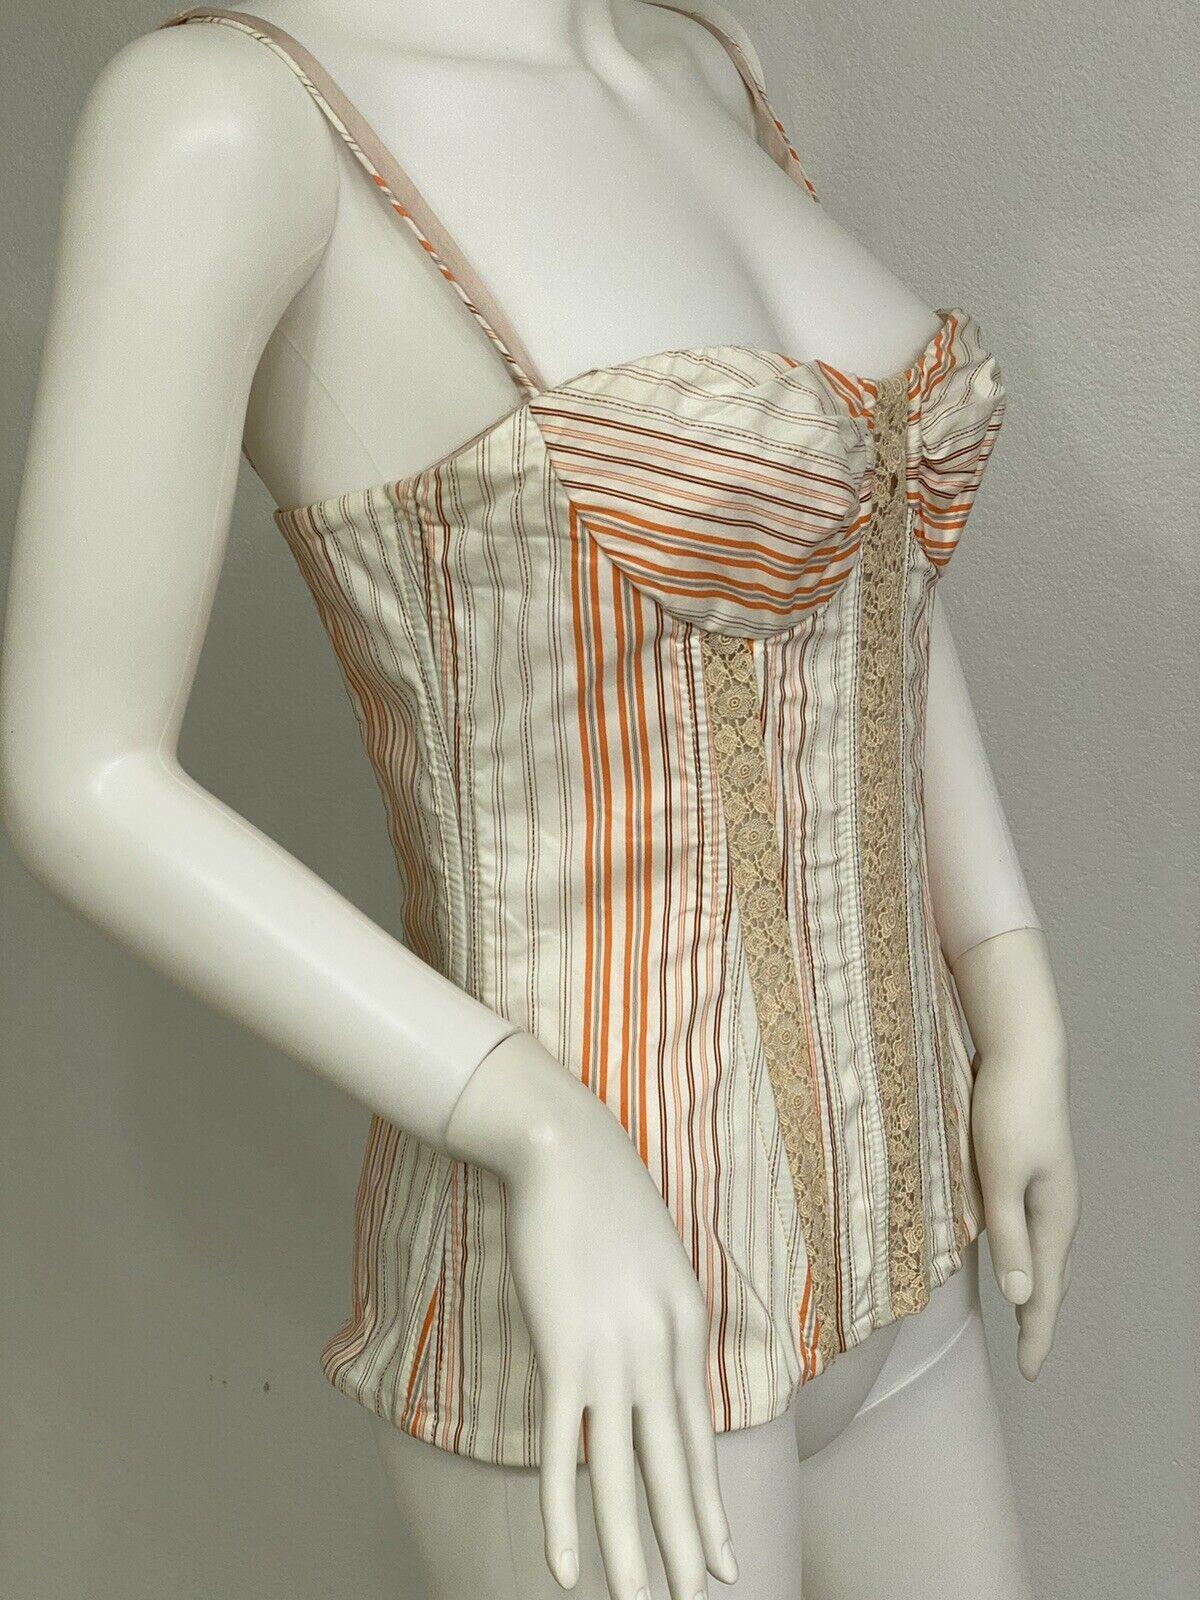 Vintage Dolce Gabbana Cotton, Lace Corset Top Bus… - image 6